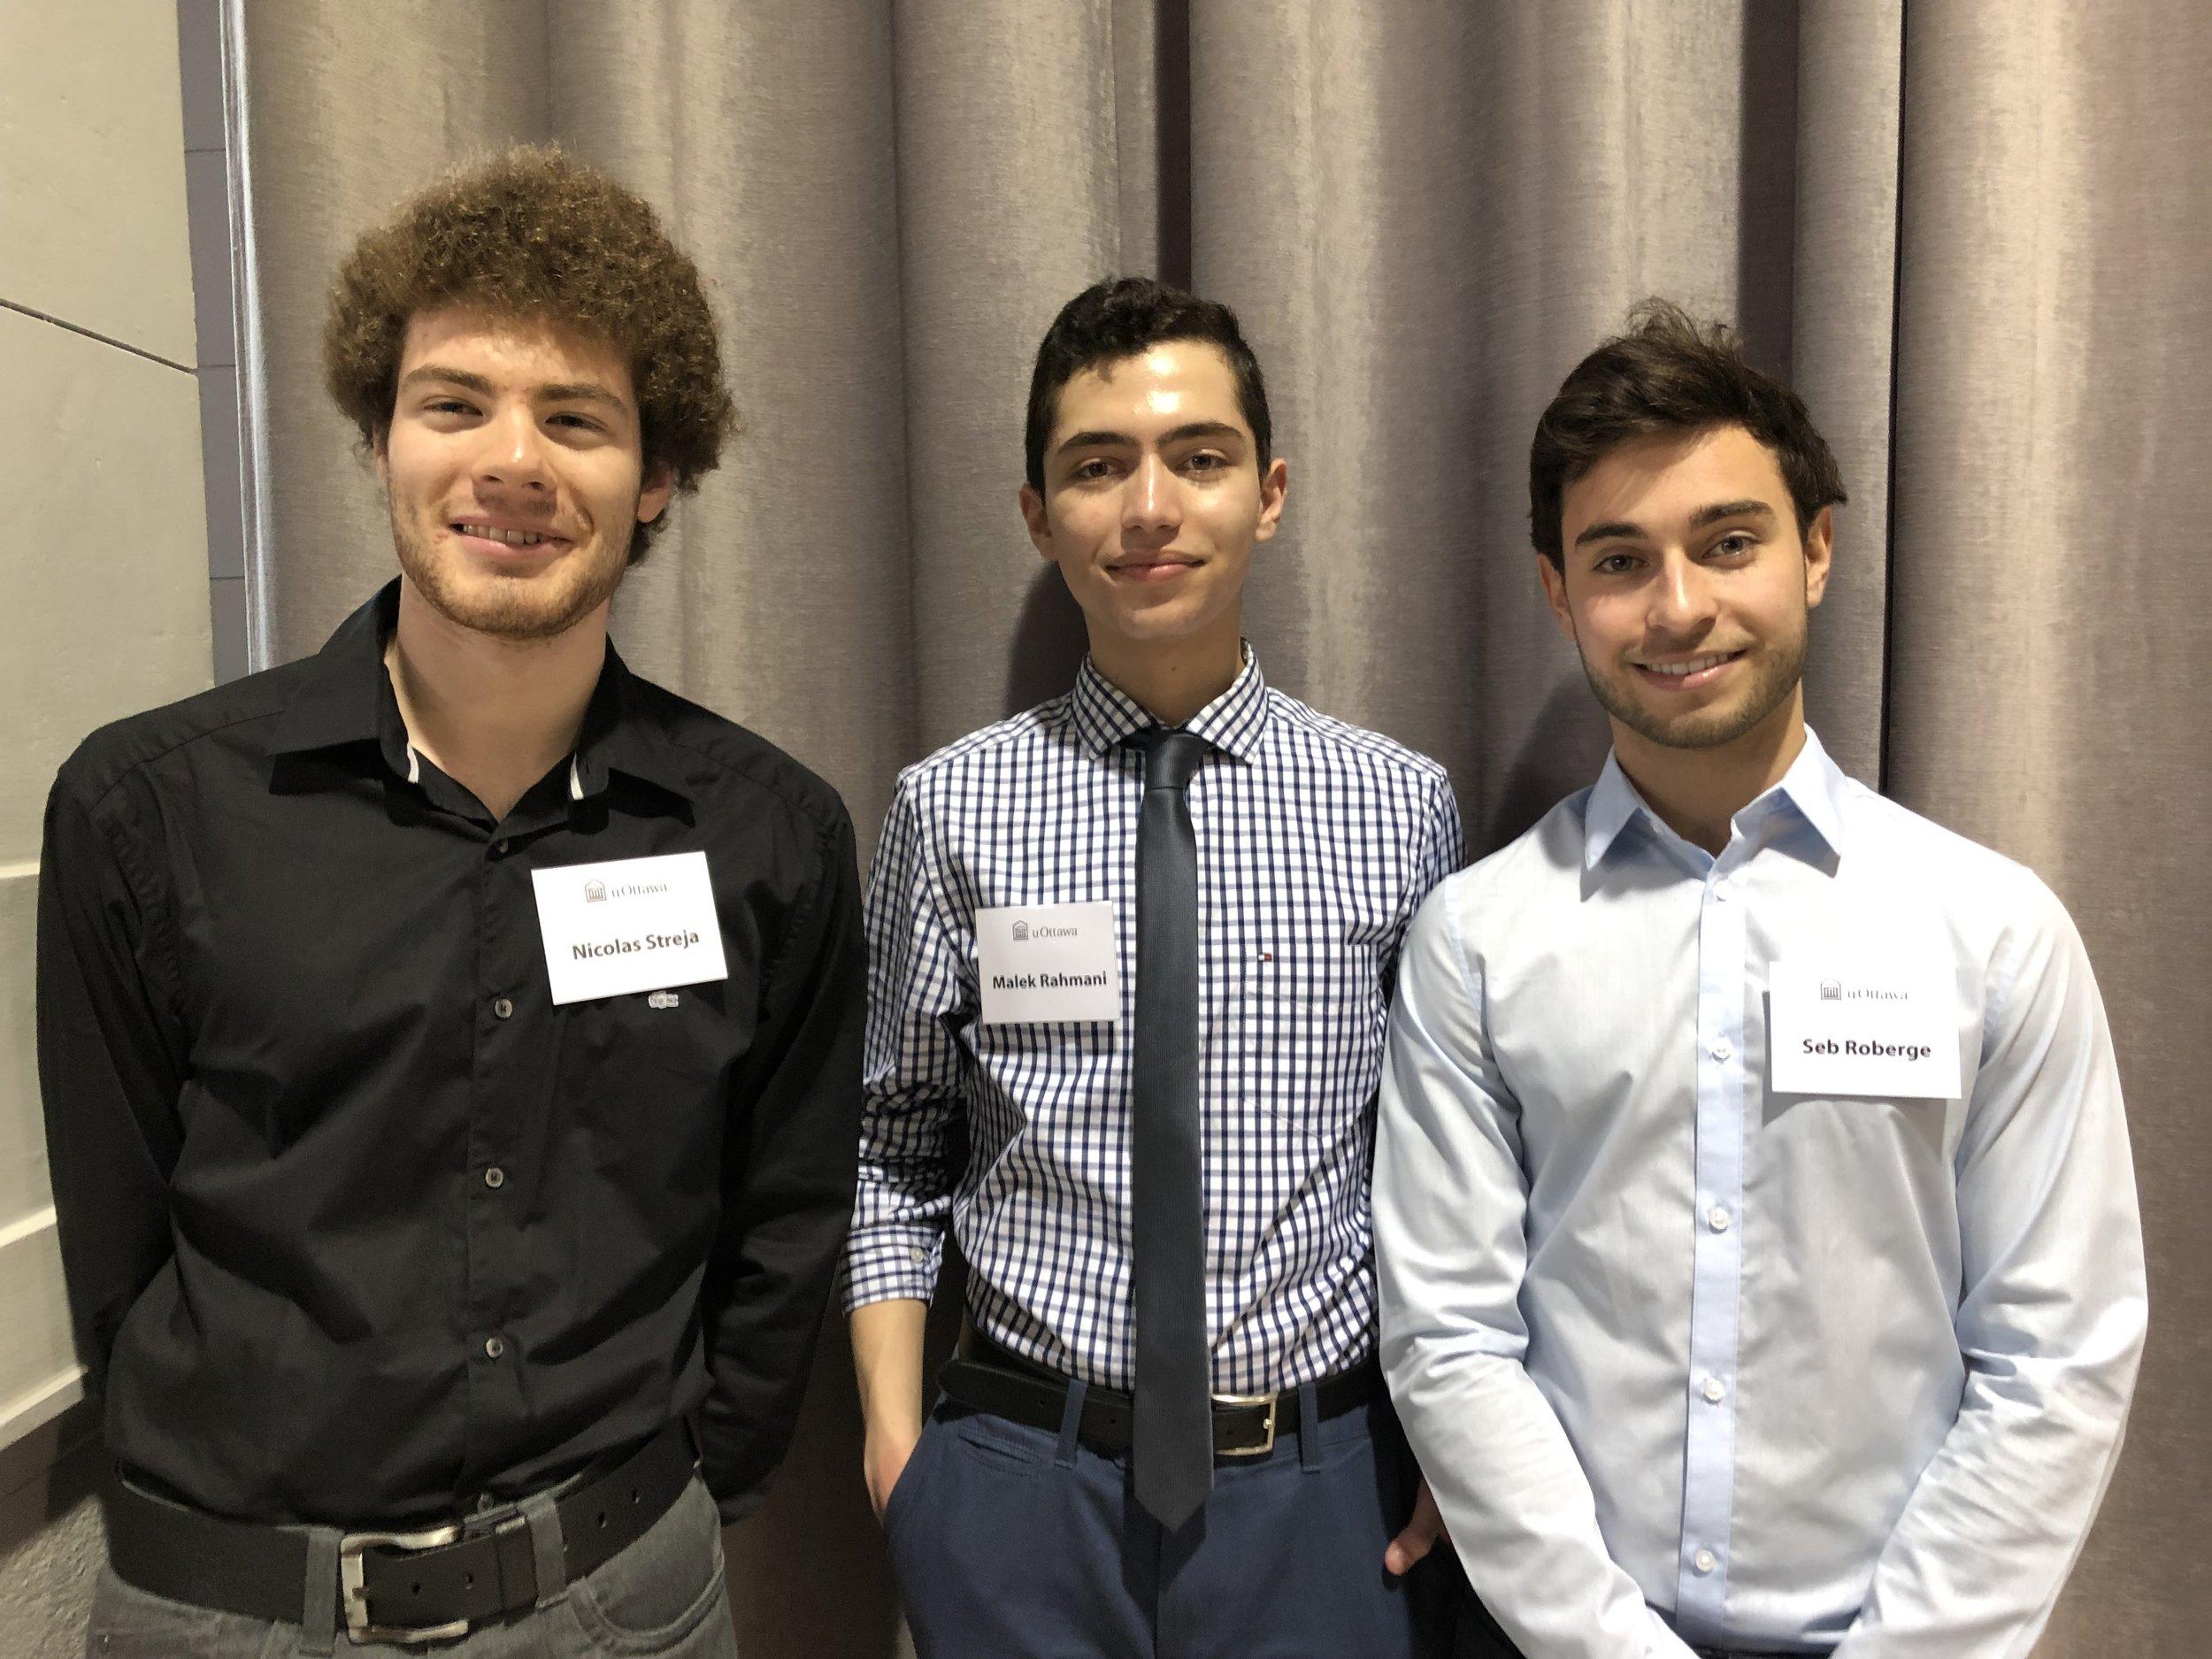 Nick, Malek, and Seb